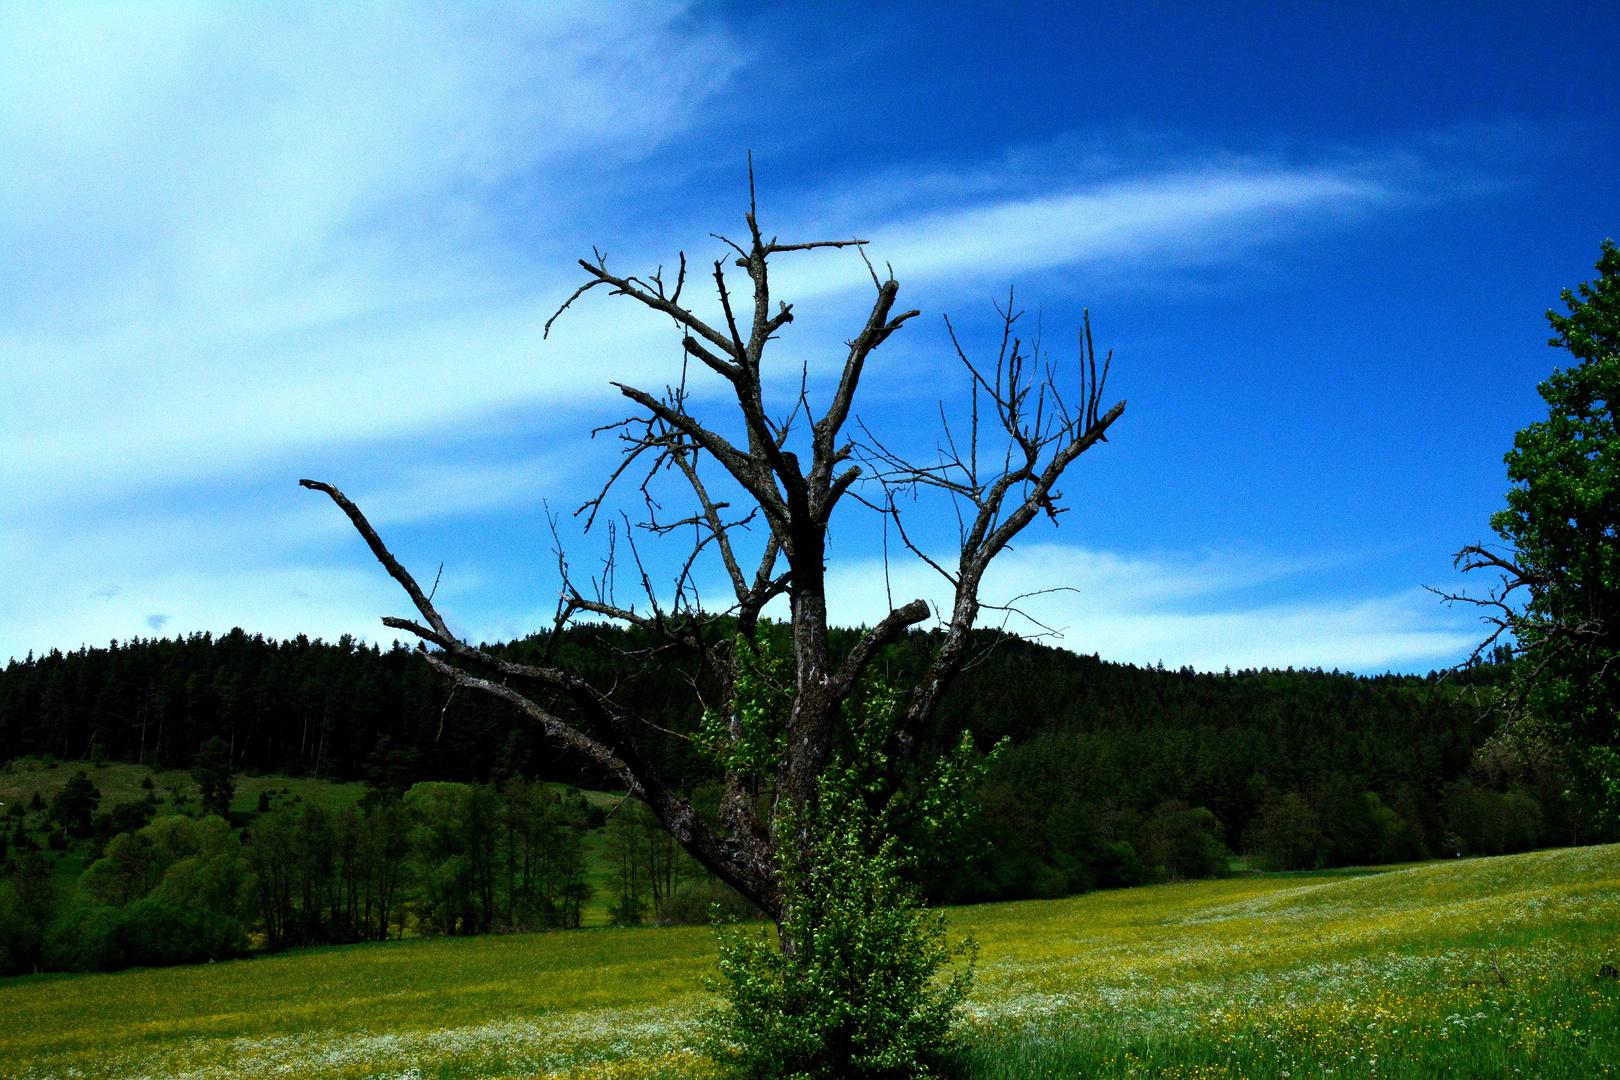 ....mein Freund der Baum